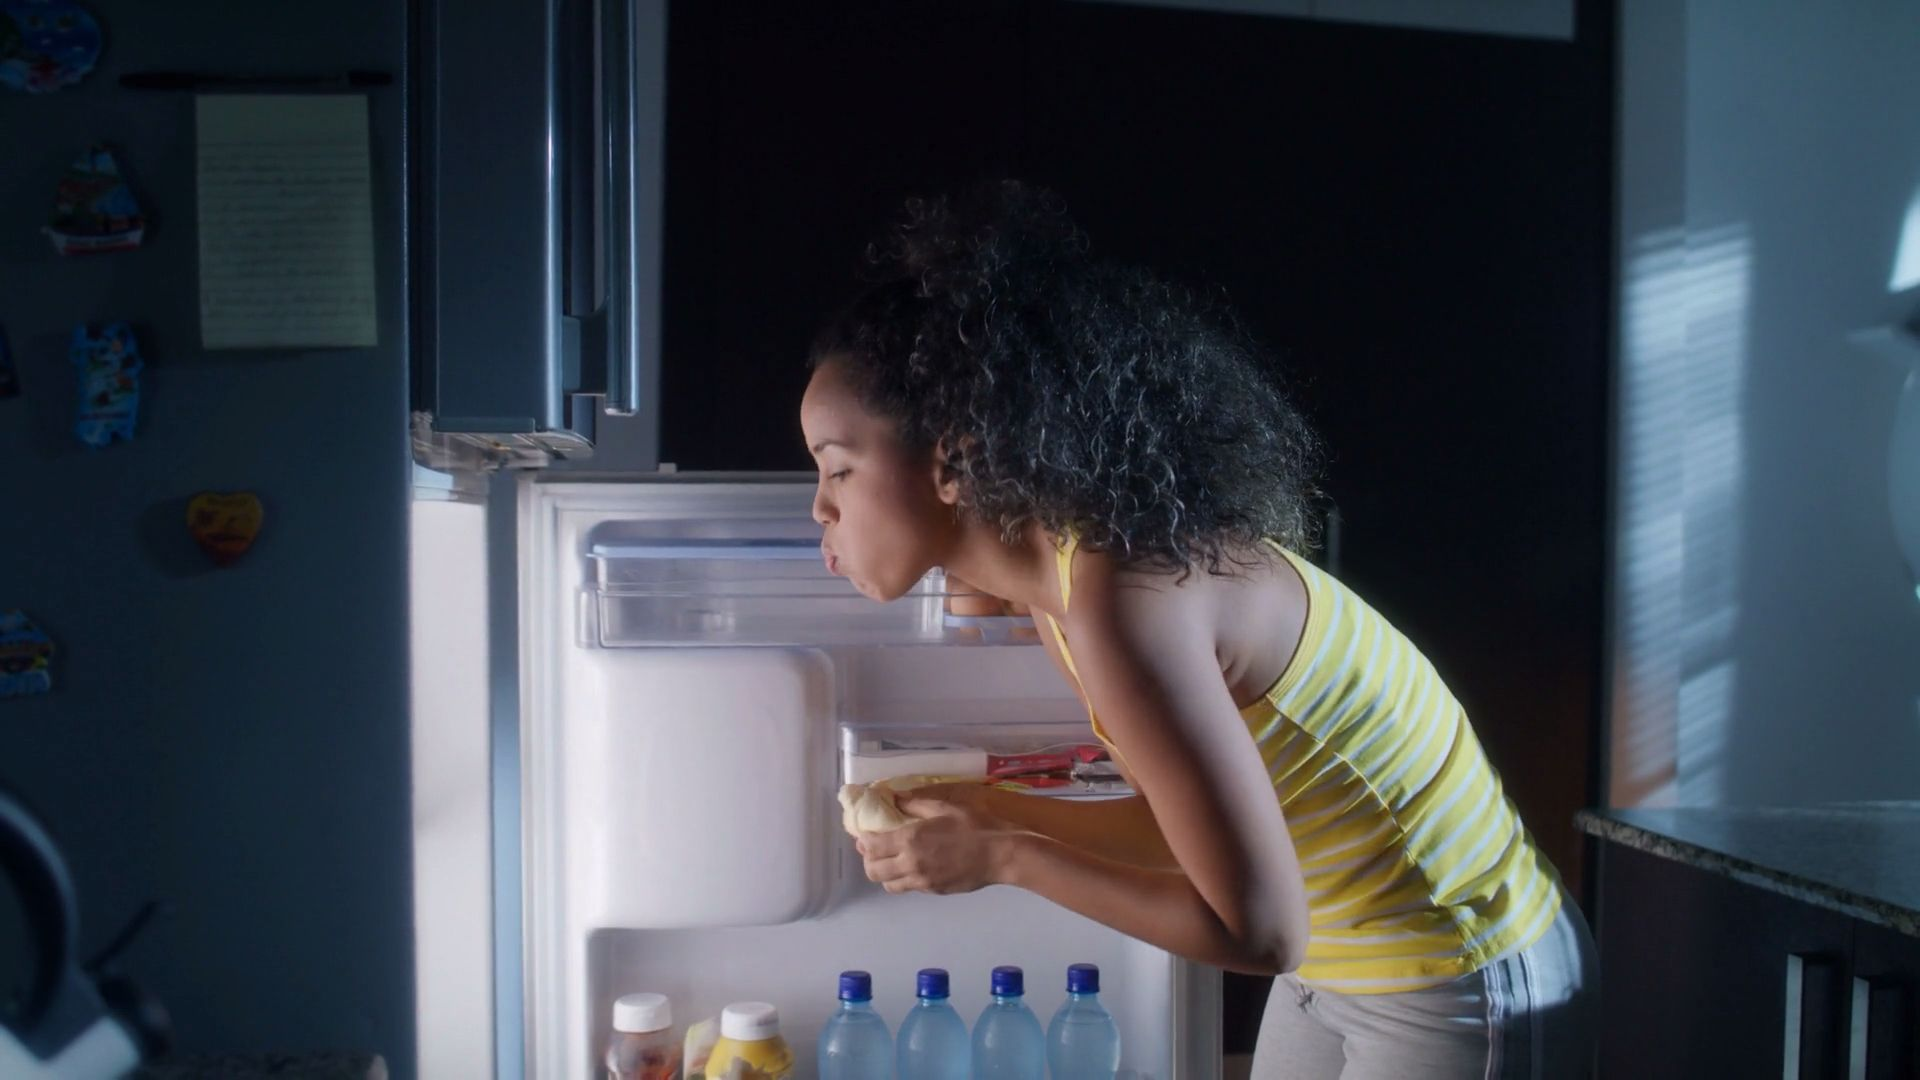 Körper leidet: Unregelmäßige Essenszeiten beeinflussen Gesundheit